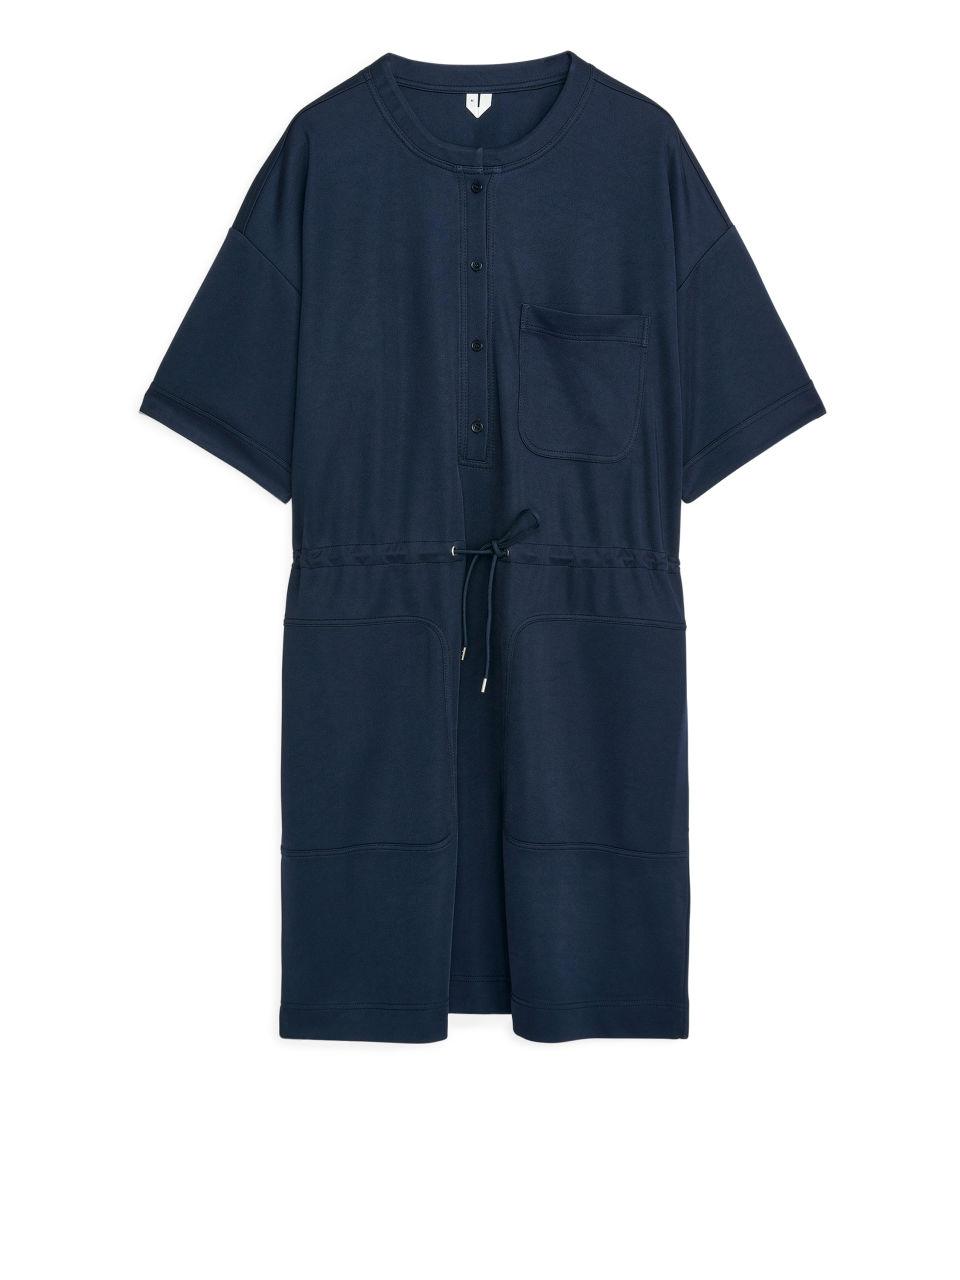 Short-Sleeved Jersey Dress - Blue